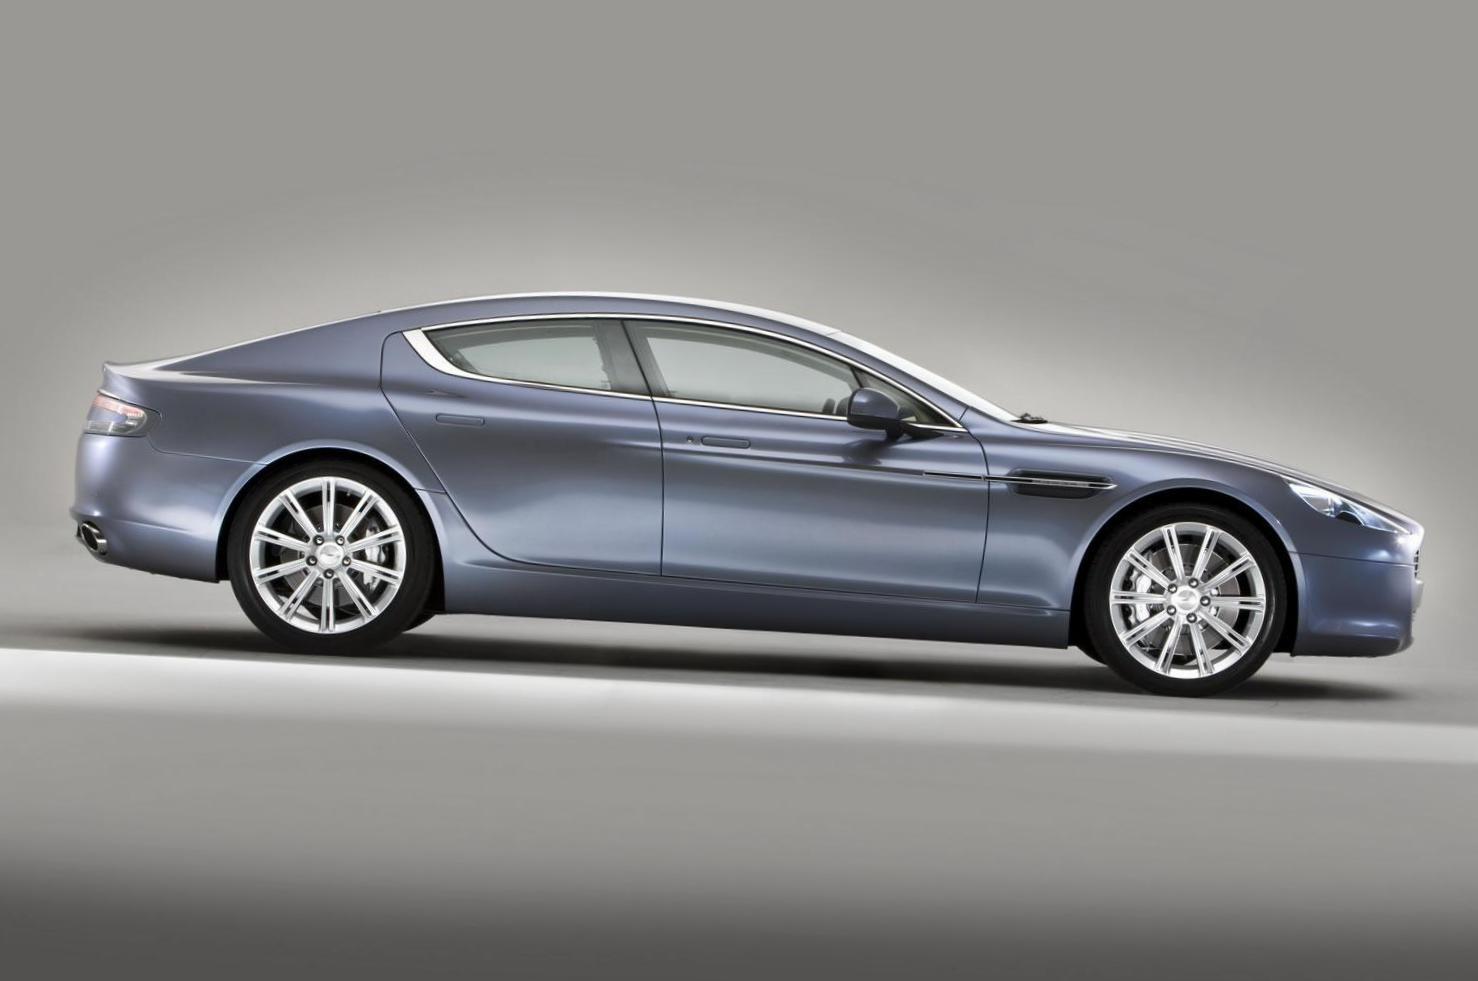 Aston Martin Rapide Photos And Specs Photo Rapide Aston Martin New And 25 Perfect Photos Of Aston Martin Rapide